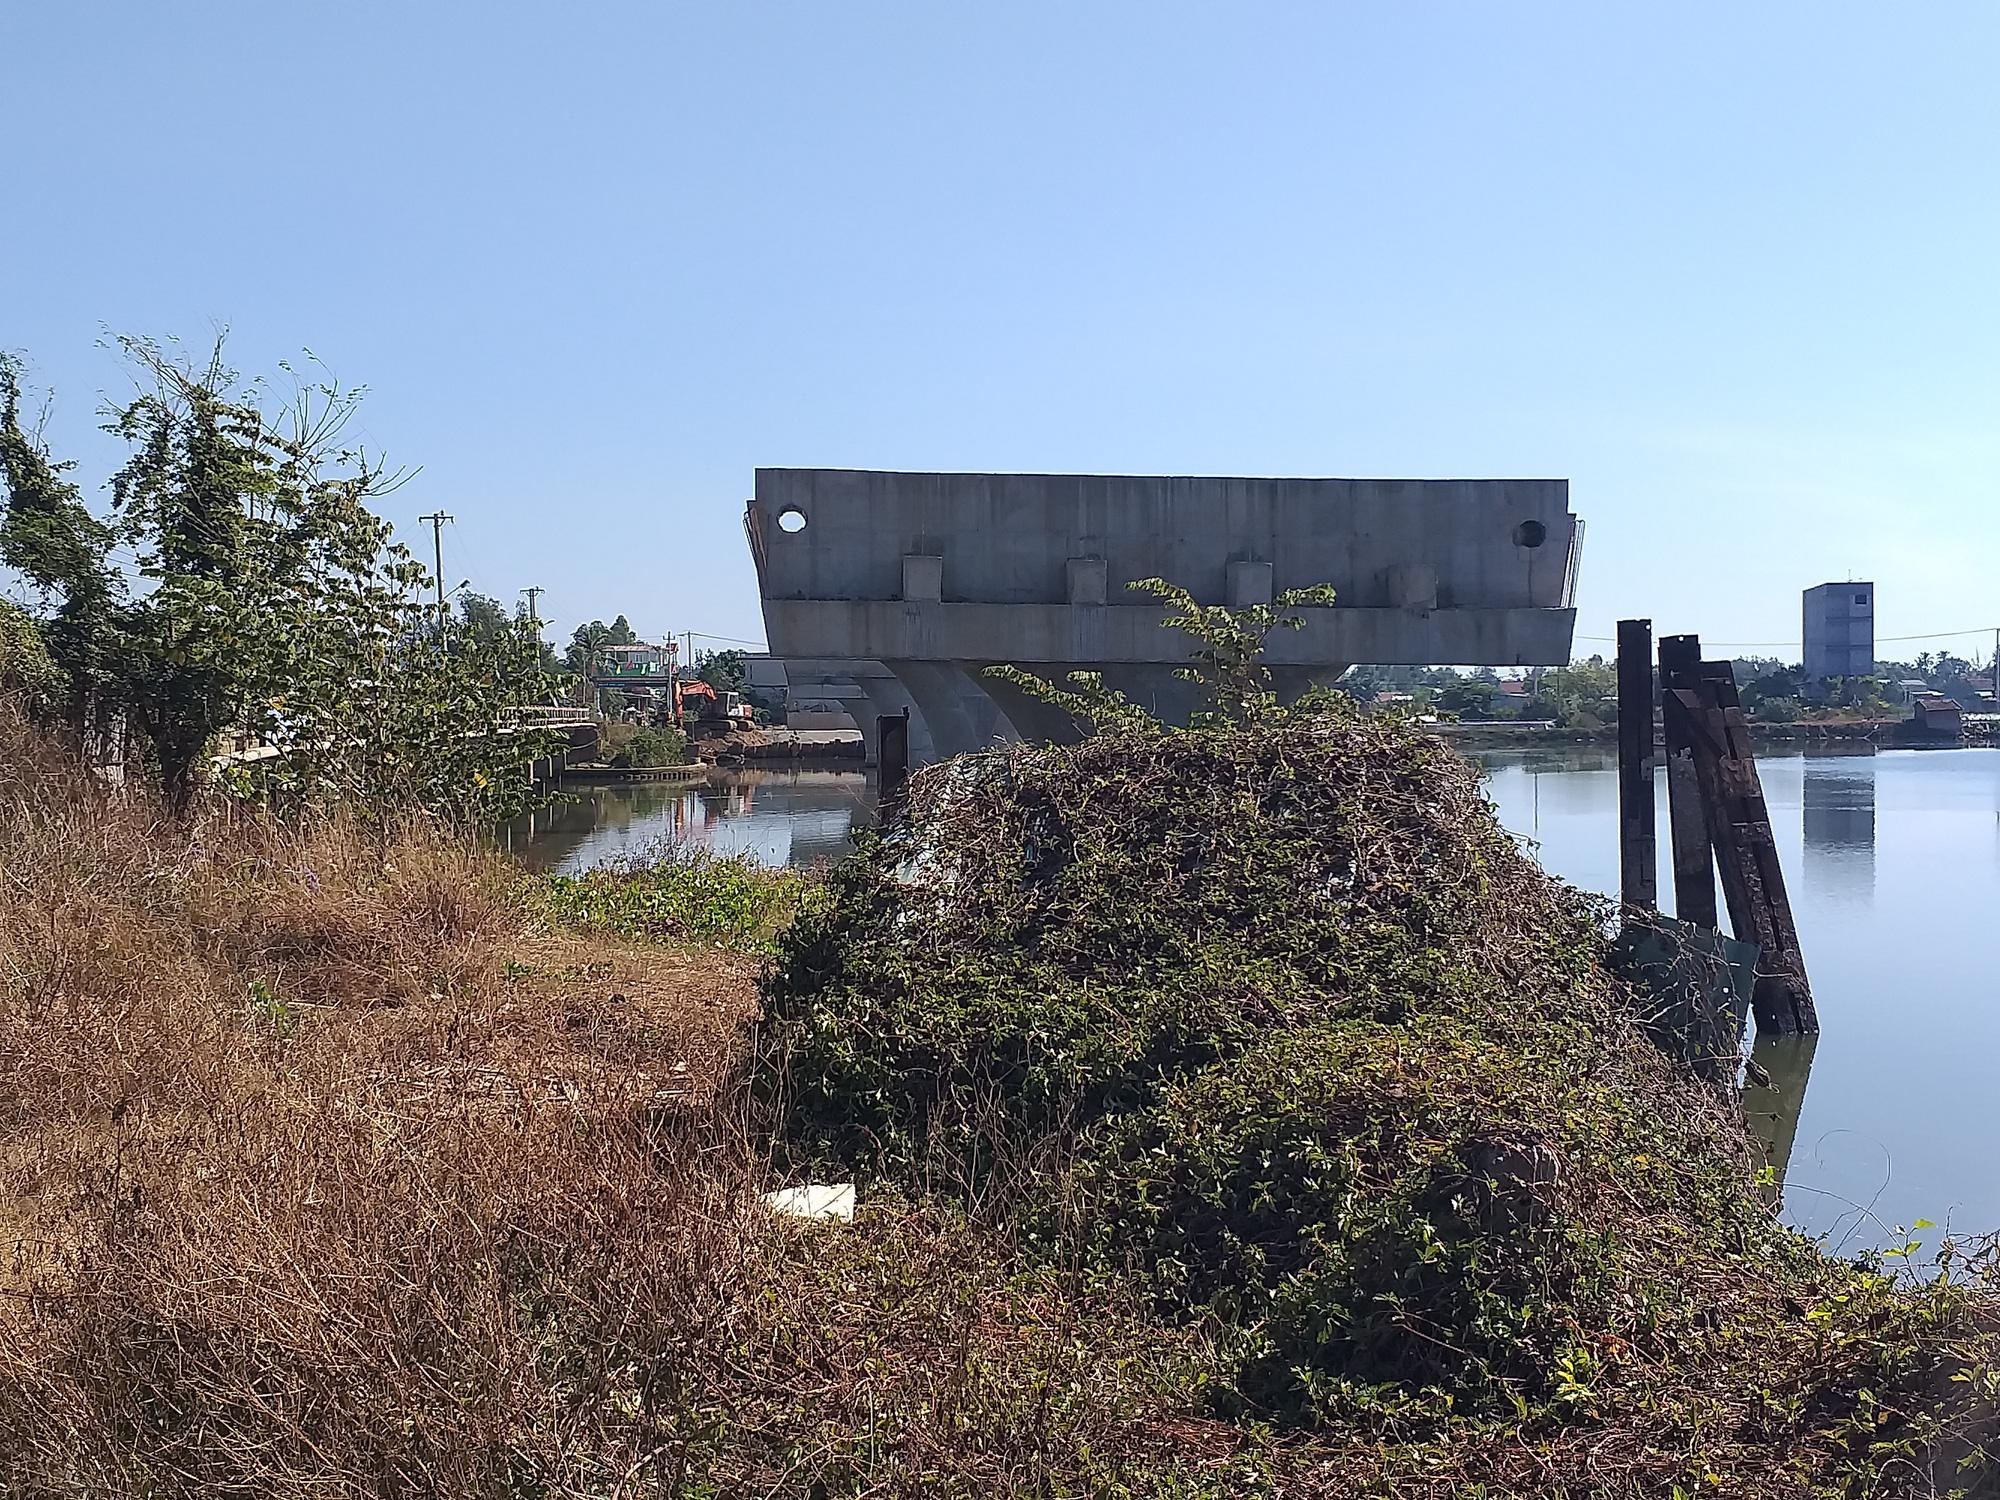 """Quảng Nam: Cầu 150 tỷ xây 4 năm ì ạch, dân """"nhắm mắt"""" ở nhà nứt toác - Ảnh 7."""